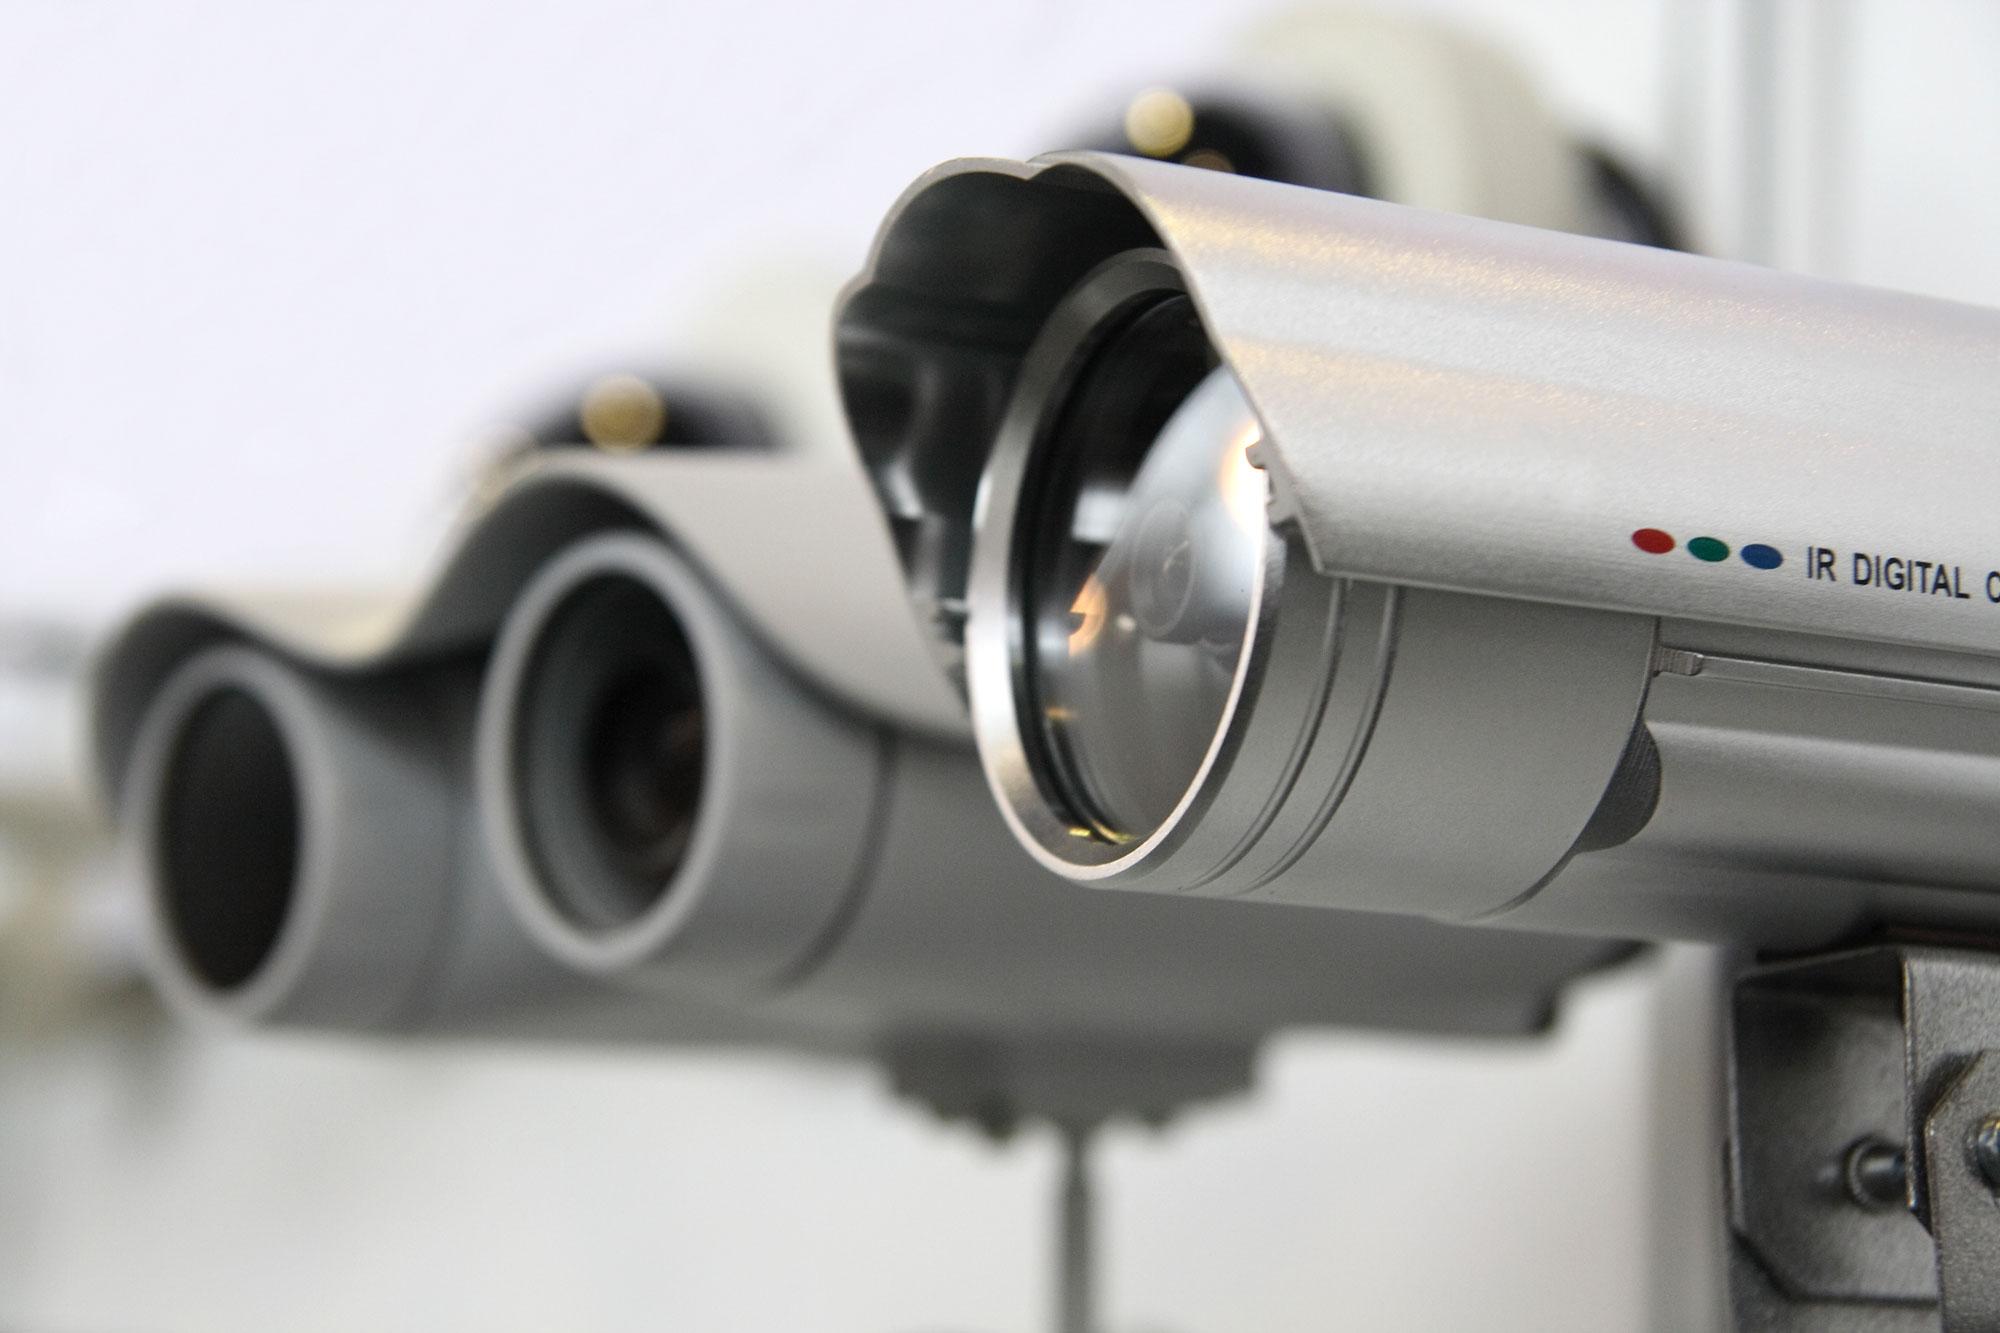 بررسی دلایل نویز در تصویر دوربین ها و روش های برطرف سازی